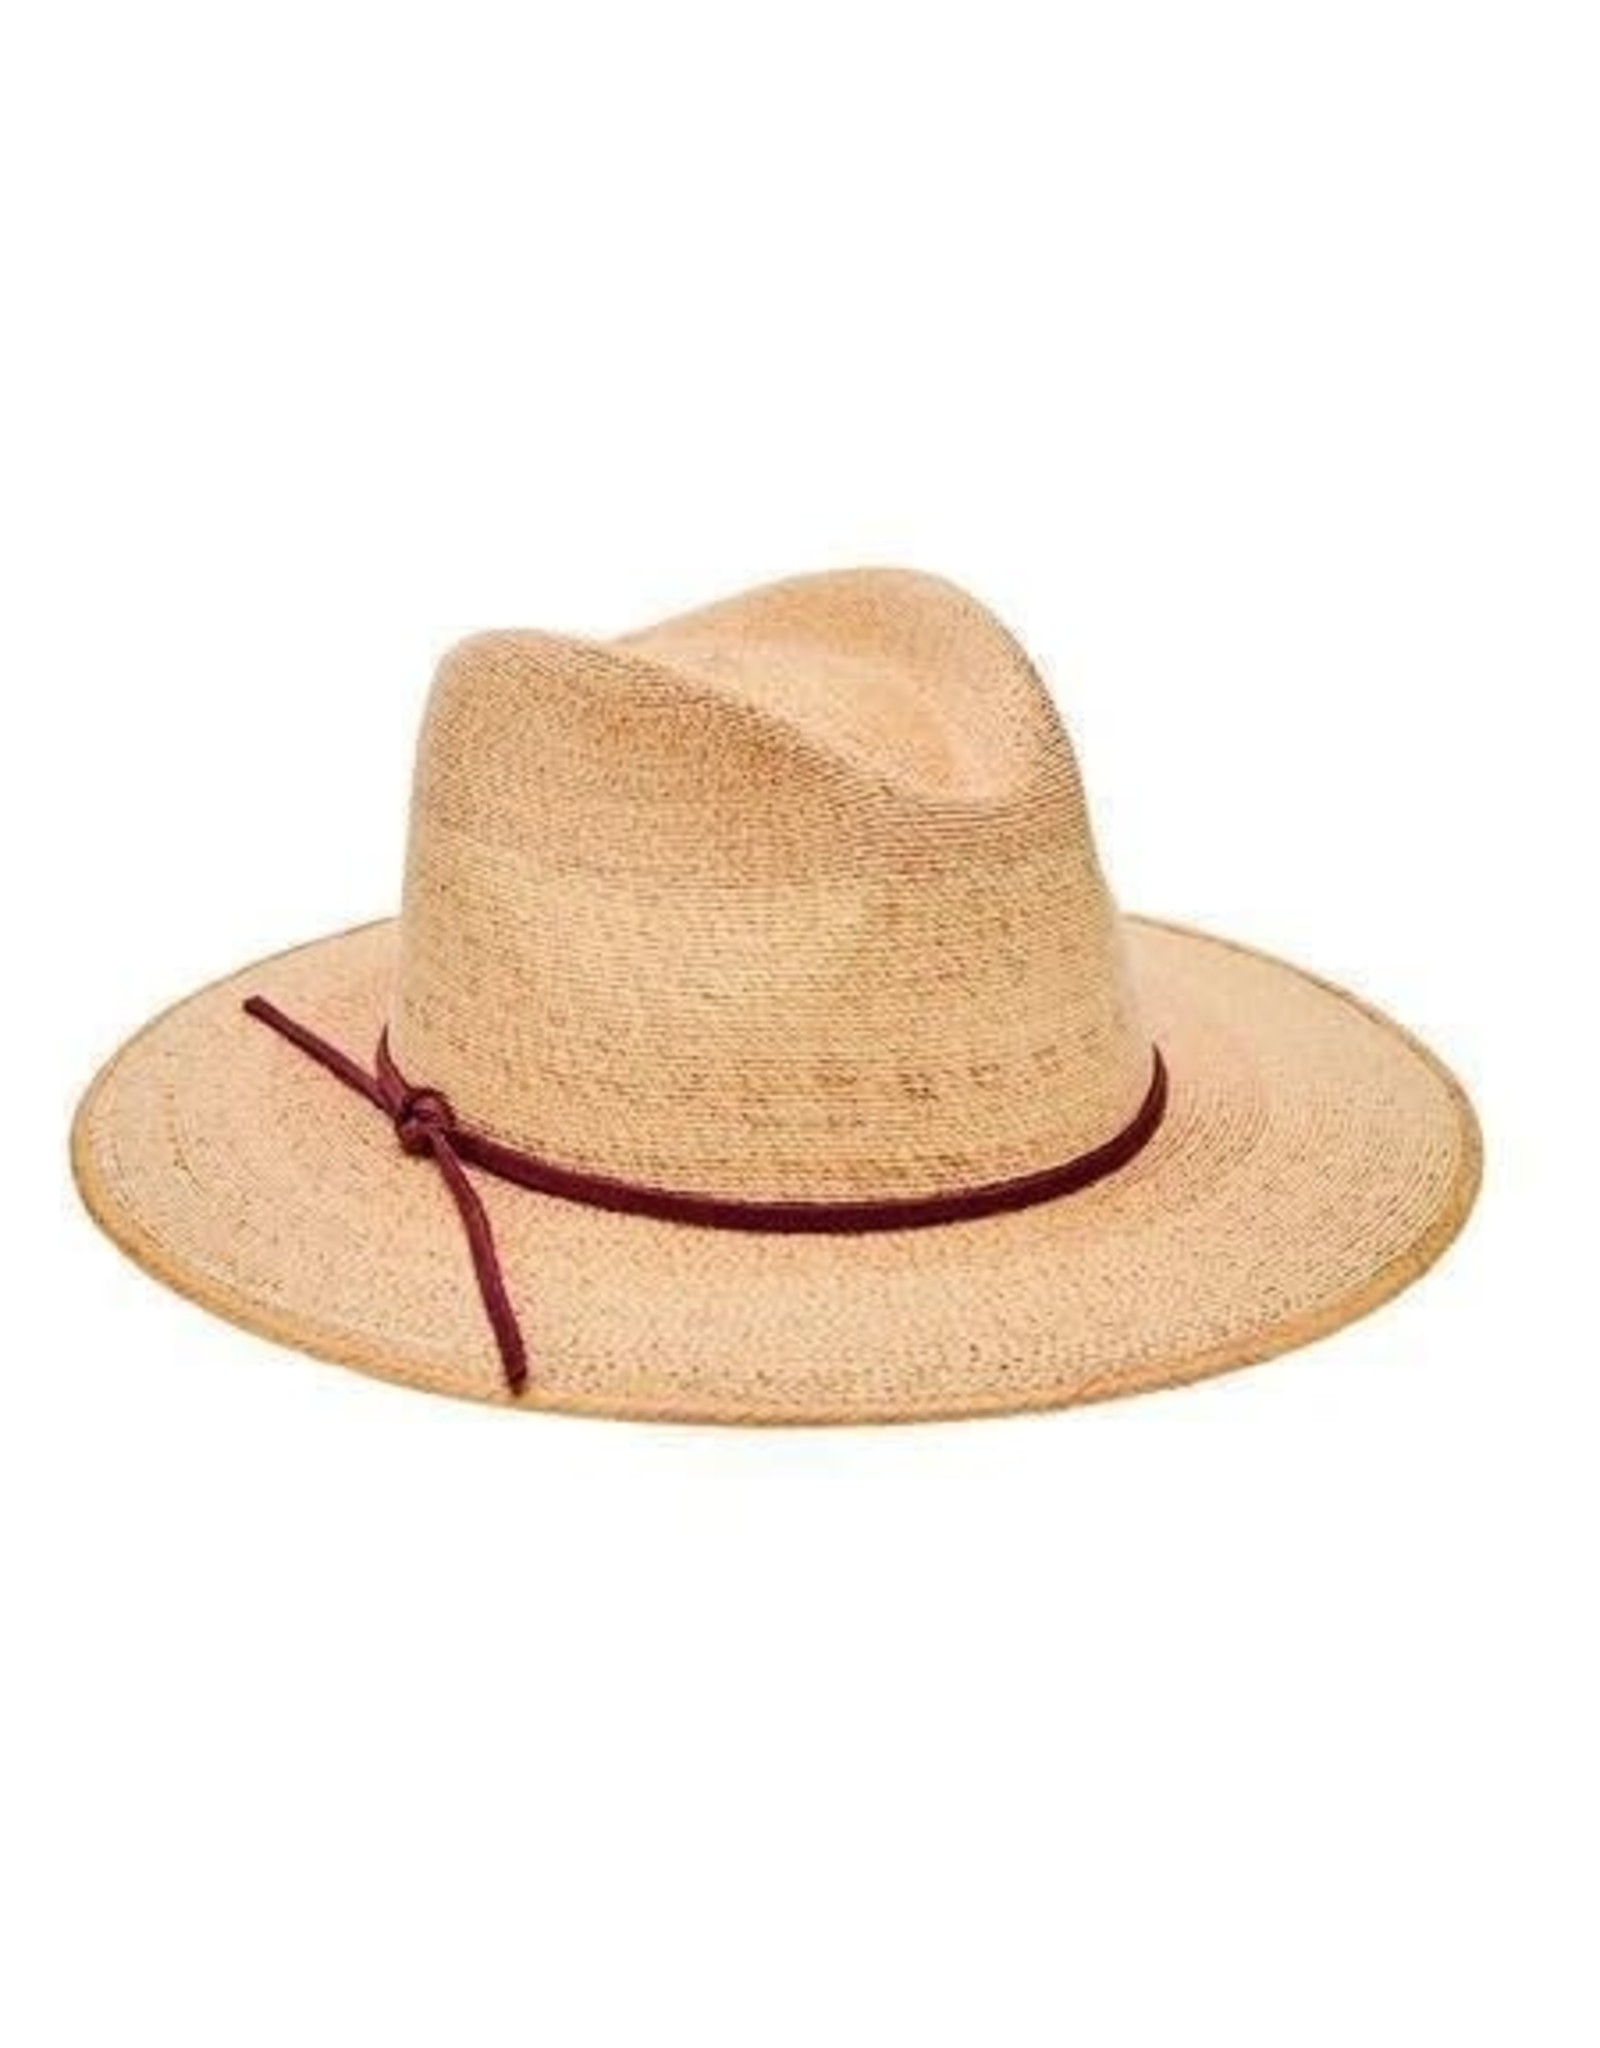 SAN DIEGO HAT Palm Straw Fedora with Leather Trim